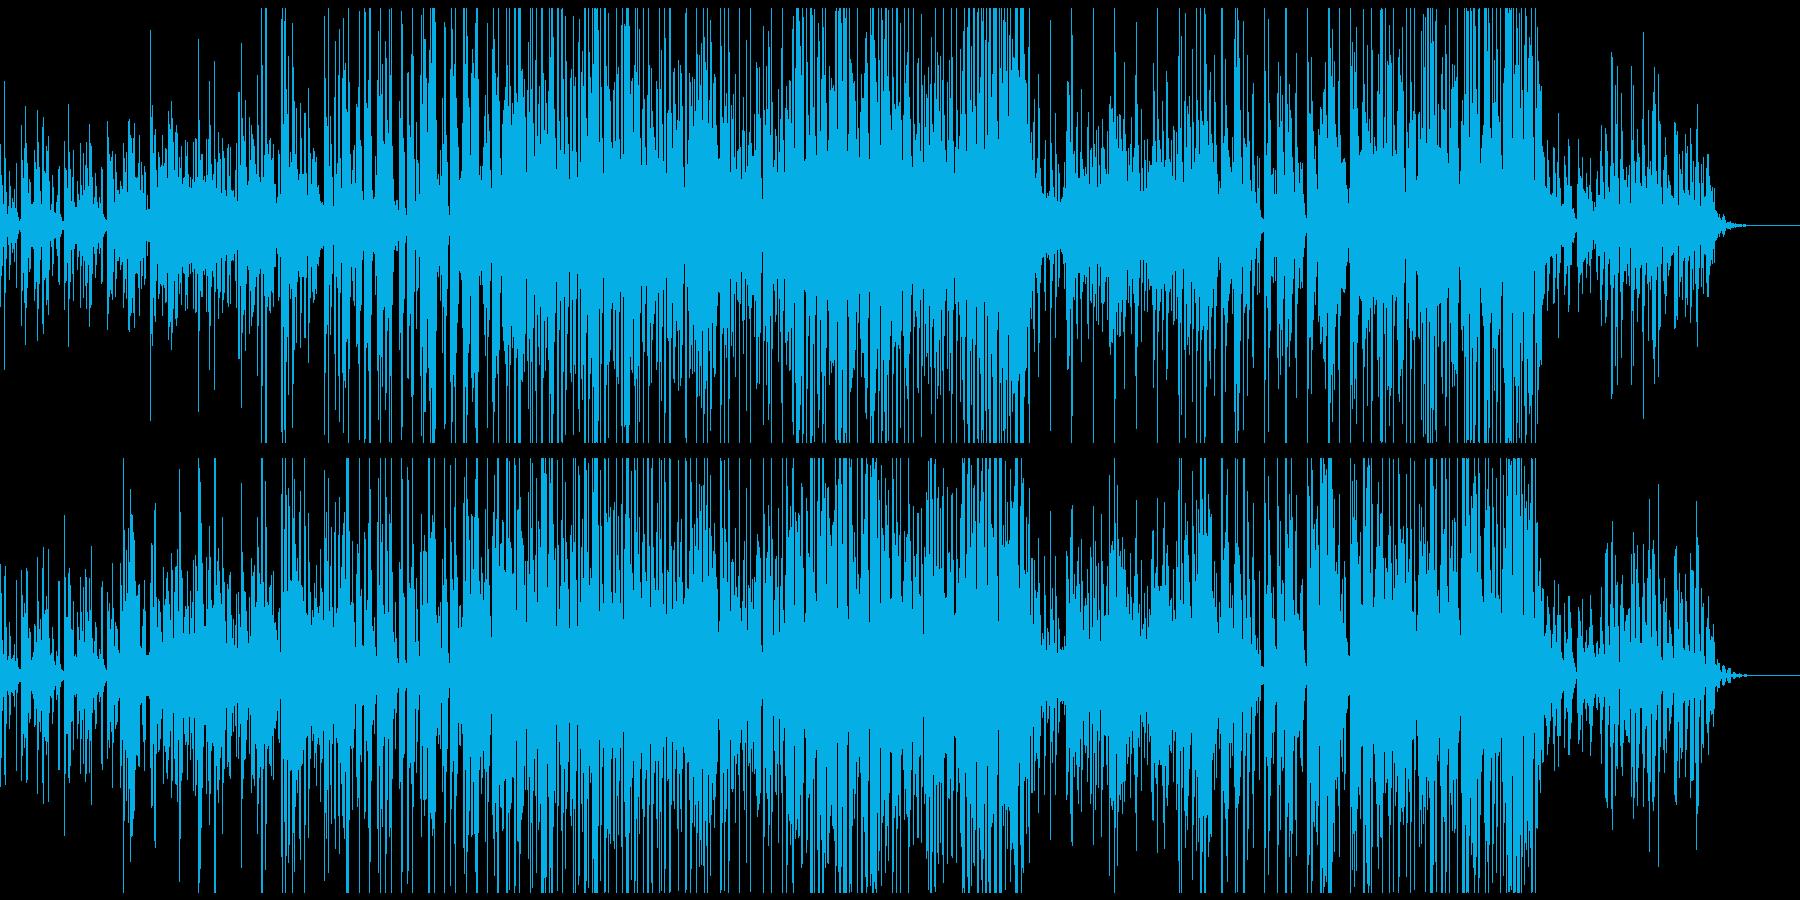 未来っぽい雰囲気のBGMの再生済みの波形